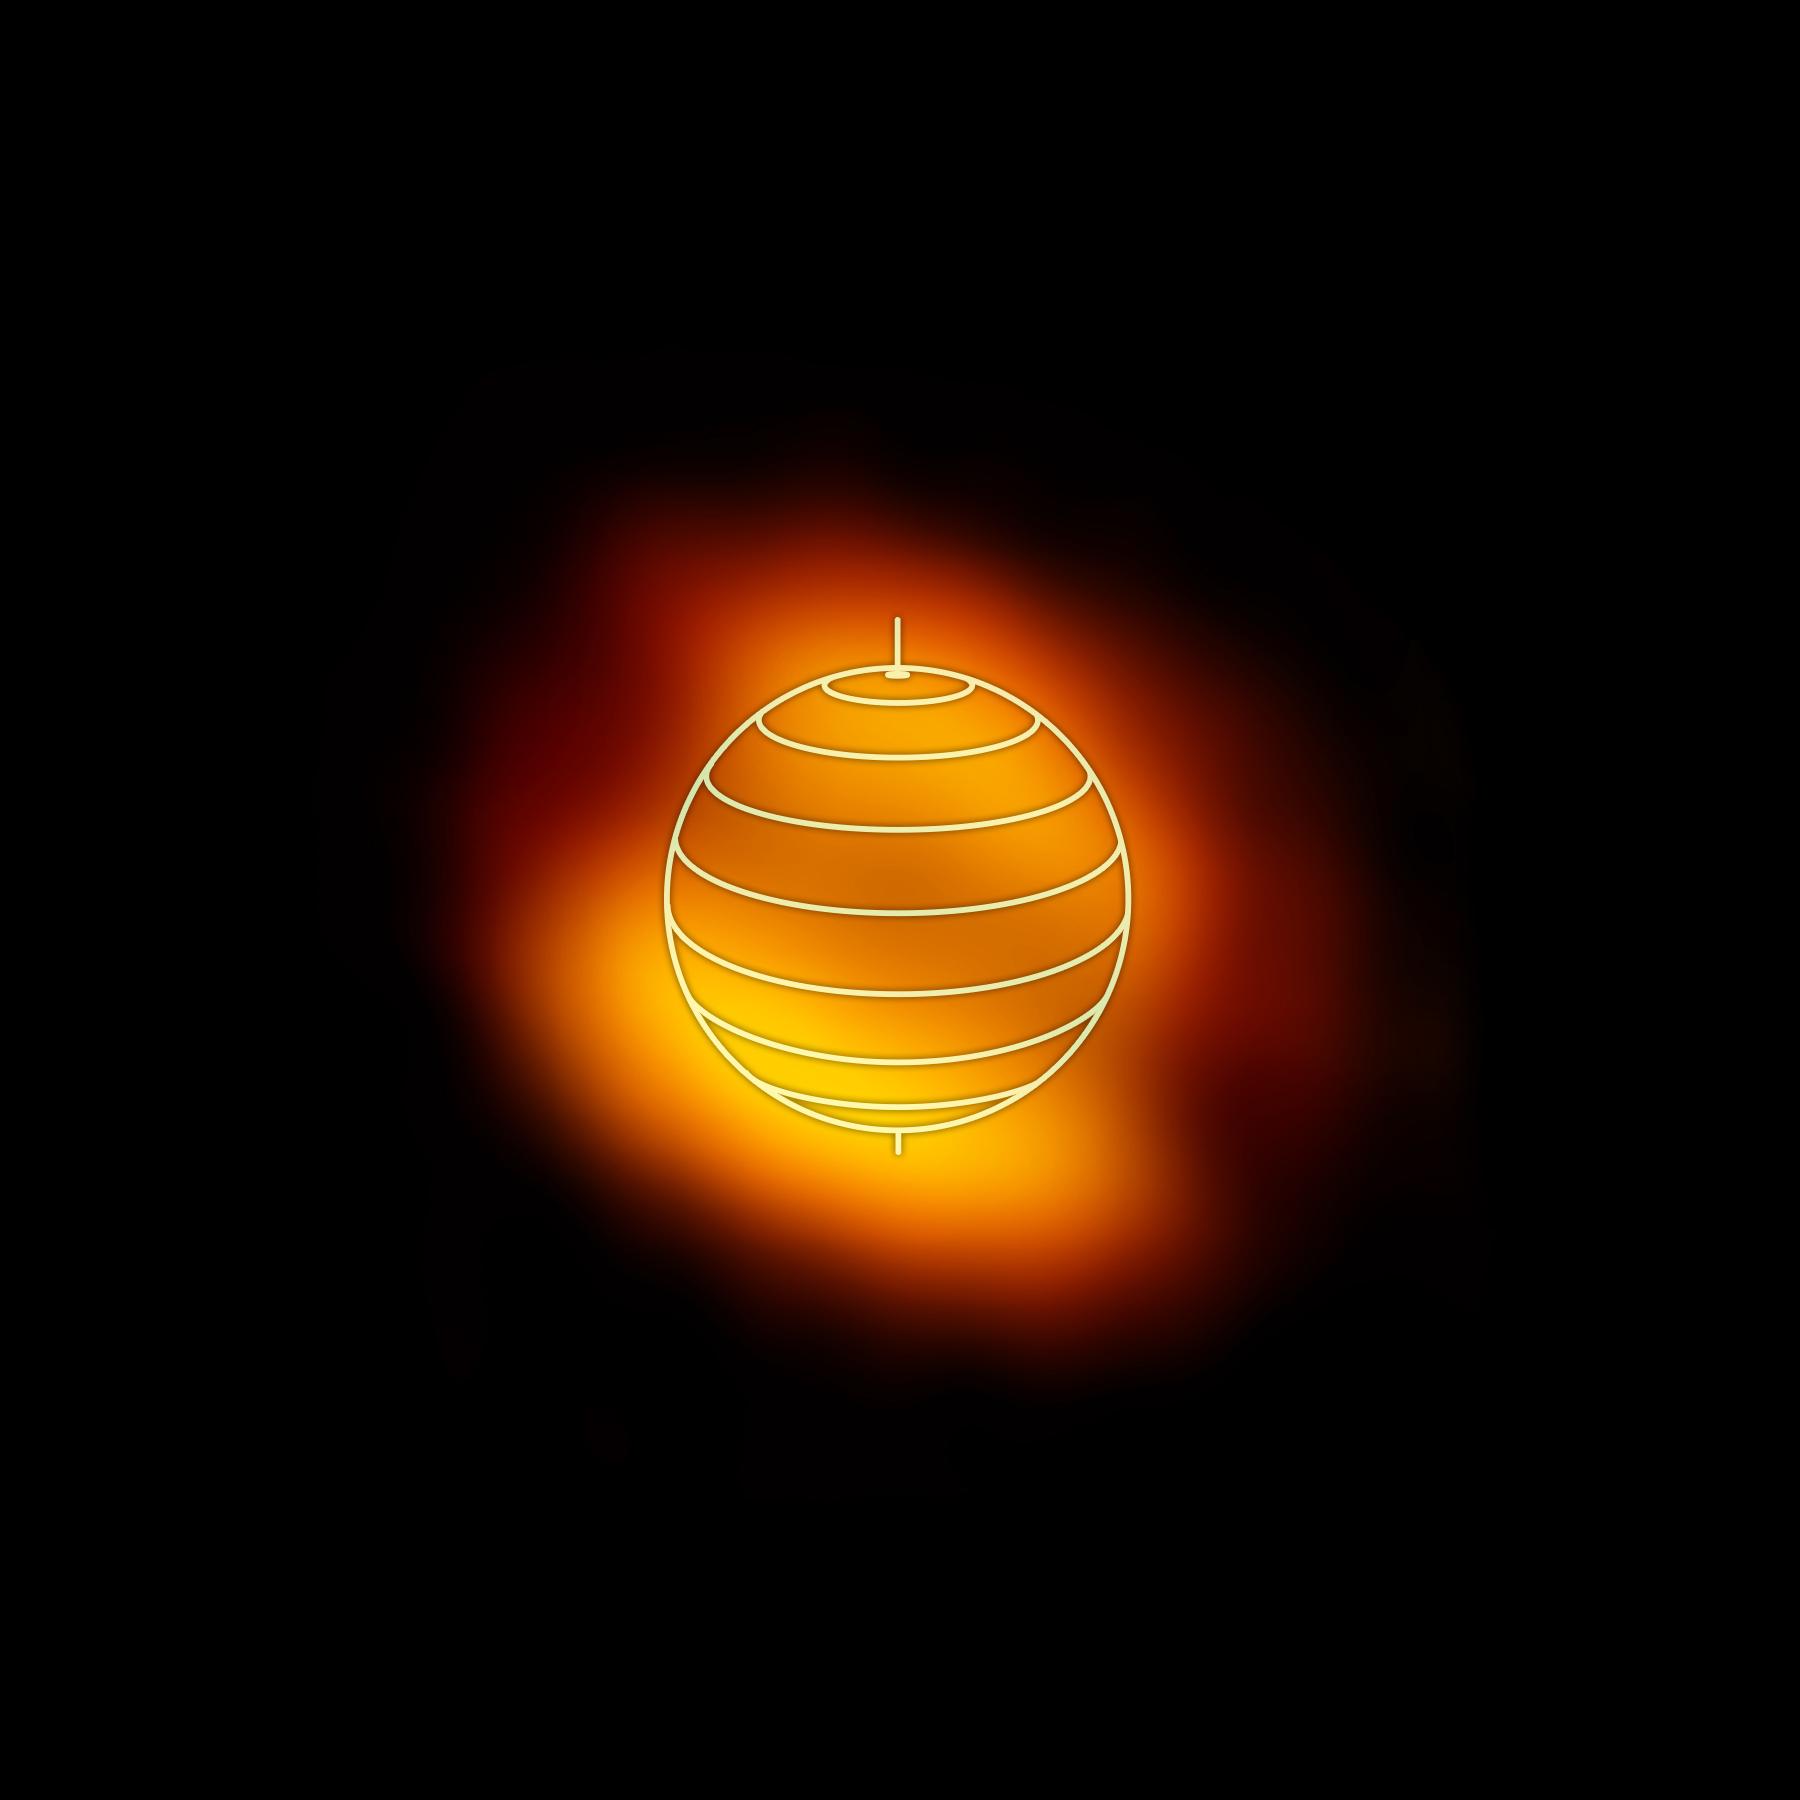 HC3N in Titan's Upper Atmosphere